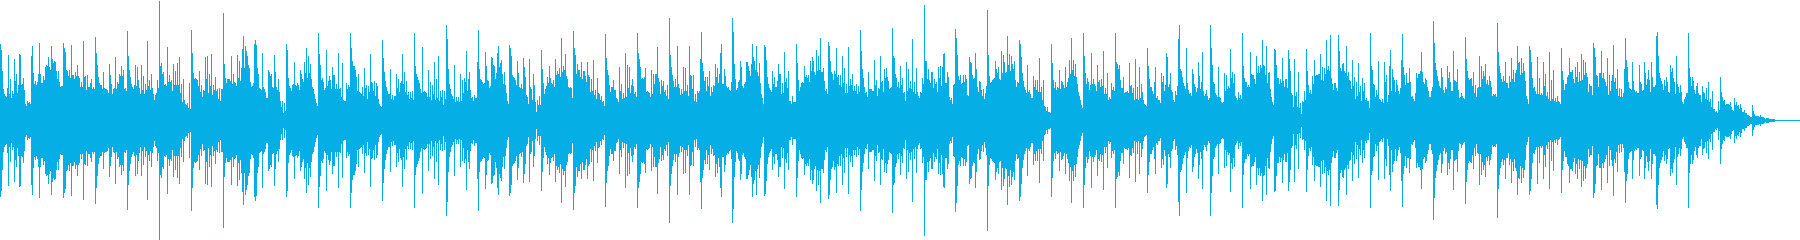 カノンコードとアルペジエーターを使った曲の再生済みの波形